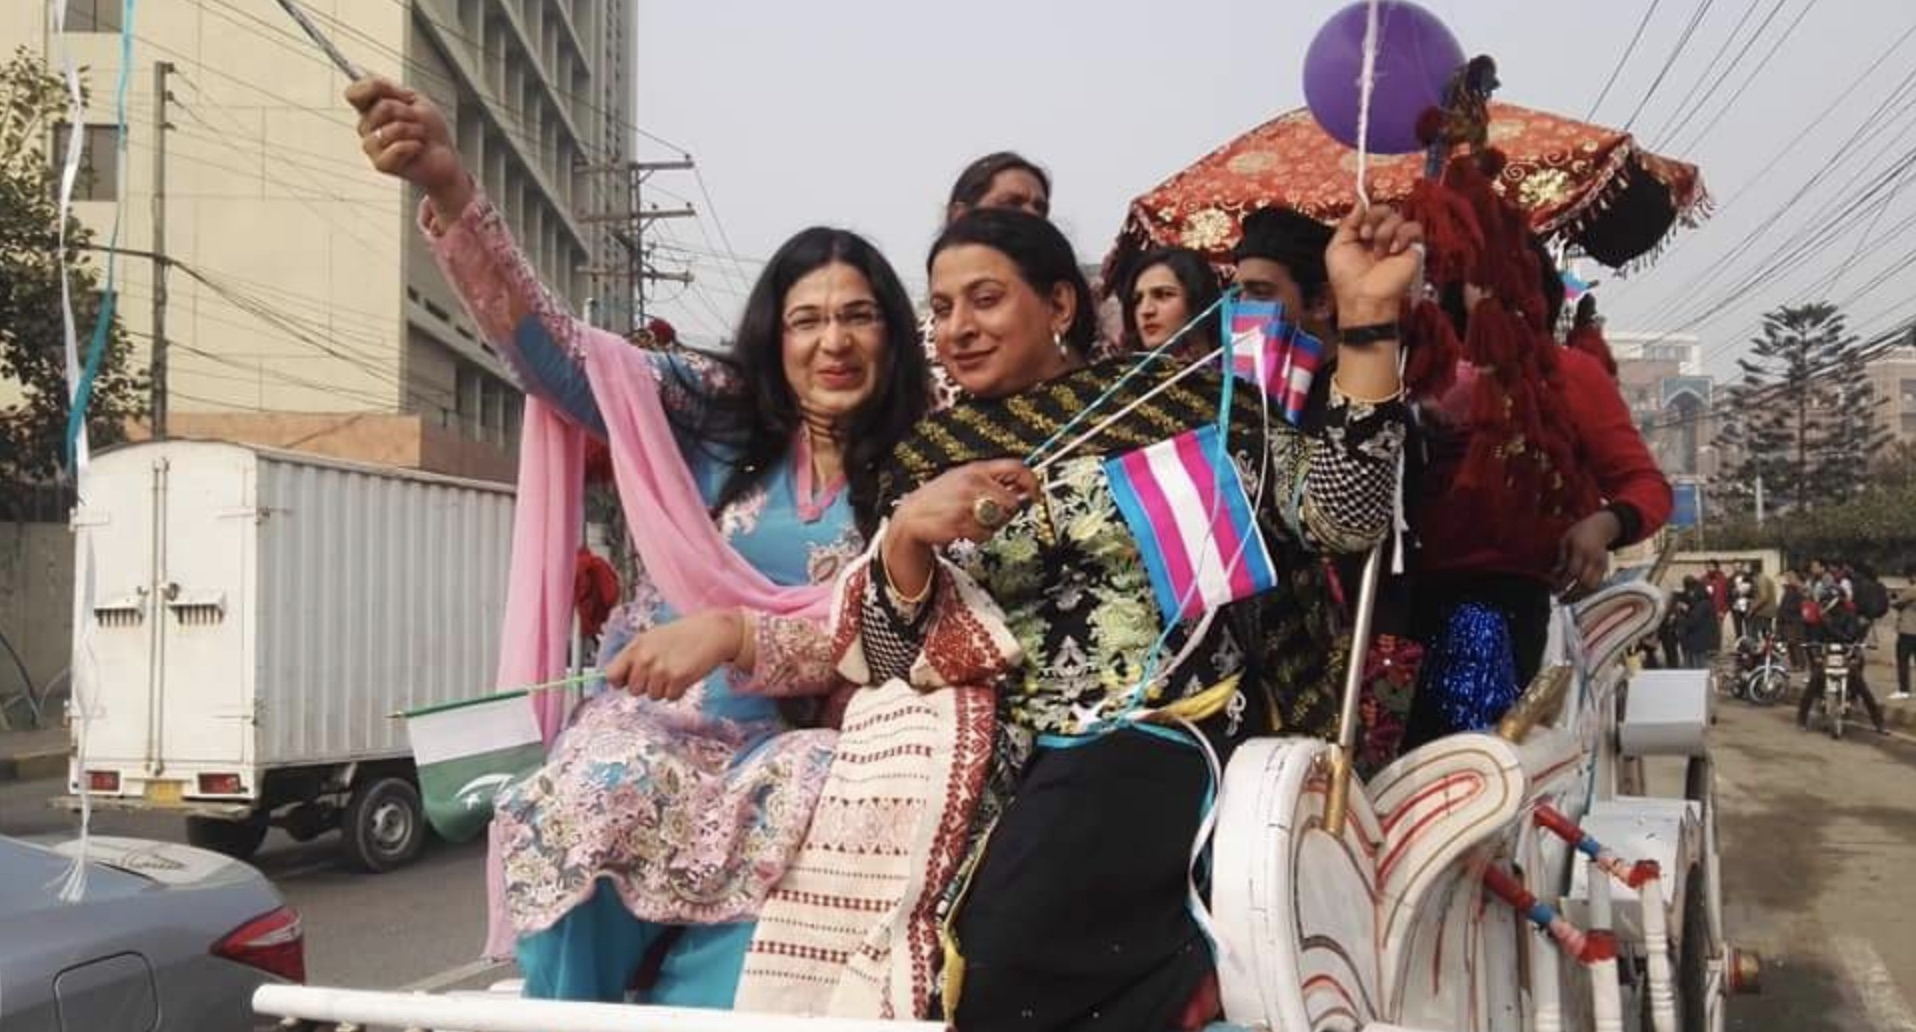 pakistan trans pride louis ck 2